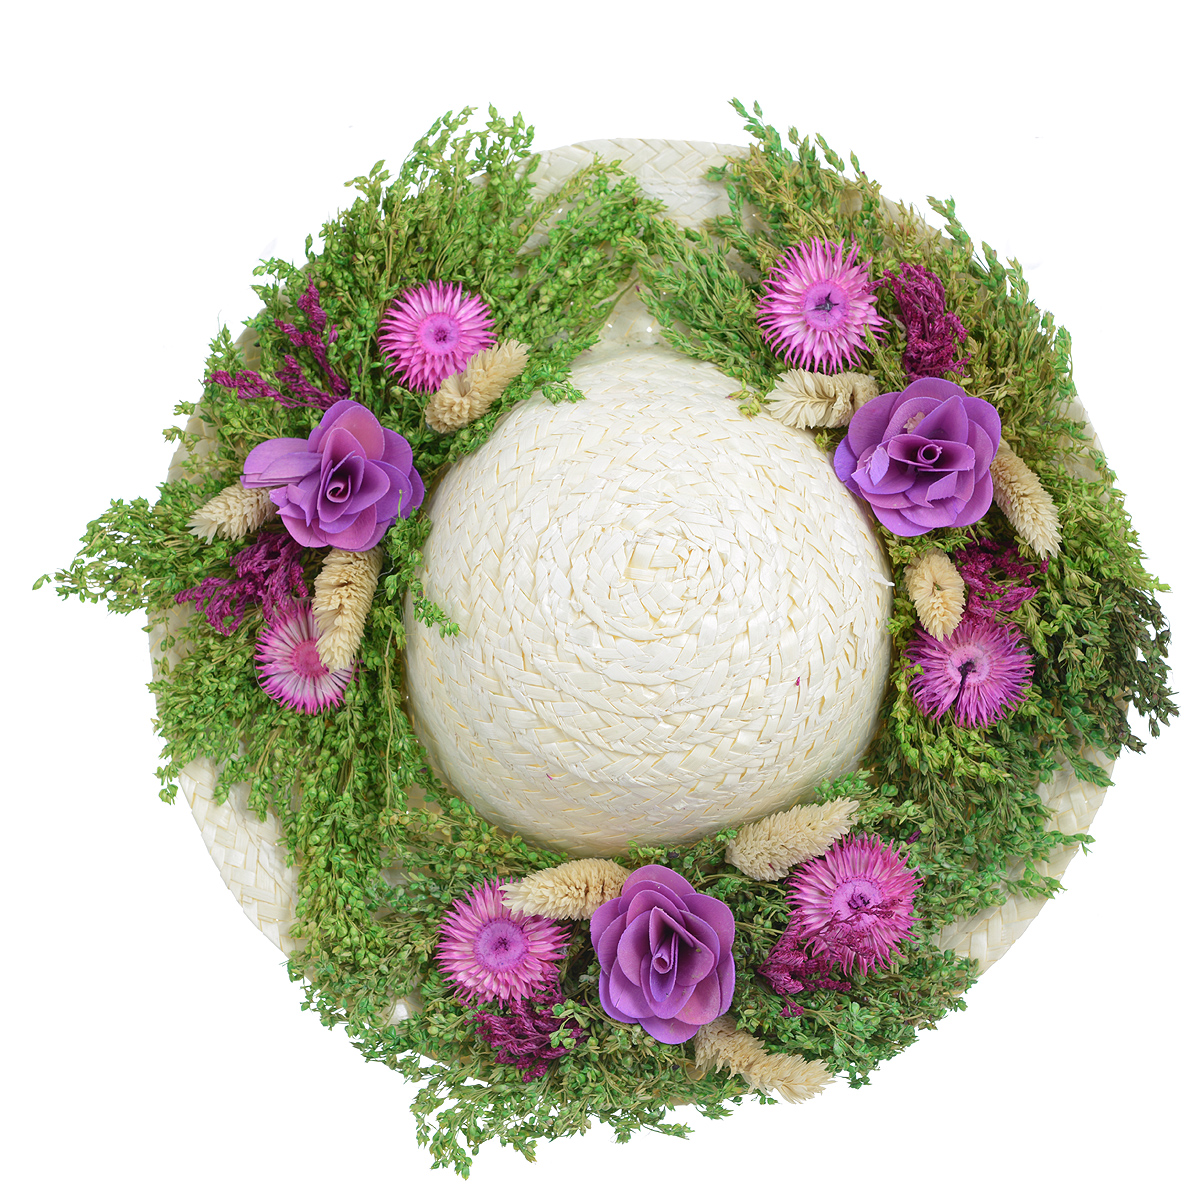 Декоративное настенное украшение Lillo Шляпа. 29 х 29 х 7,5 смAF 03127Декоративное подвесное украшение Lillo Шляпа выполнено из натуральной соломы и украшено сухоцветами. Такая шляпа станет изящным элементом декора в вашем доме. С задней стороны расположена петелька для подвешивания. Такое украшение не только подчеркнет ваш изысканный вкус, но и прекрасным подарком, который обязательно порадует получателя.Диаметр шляпы: 29 см.